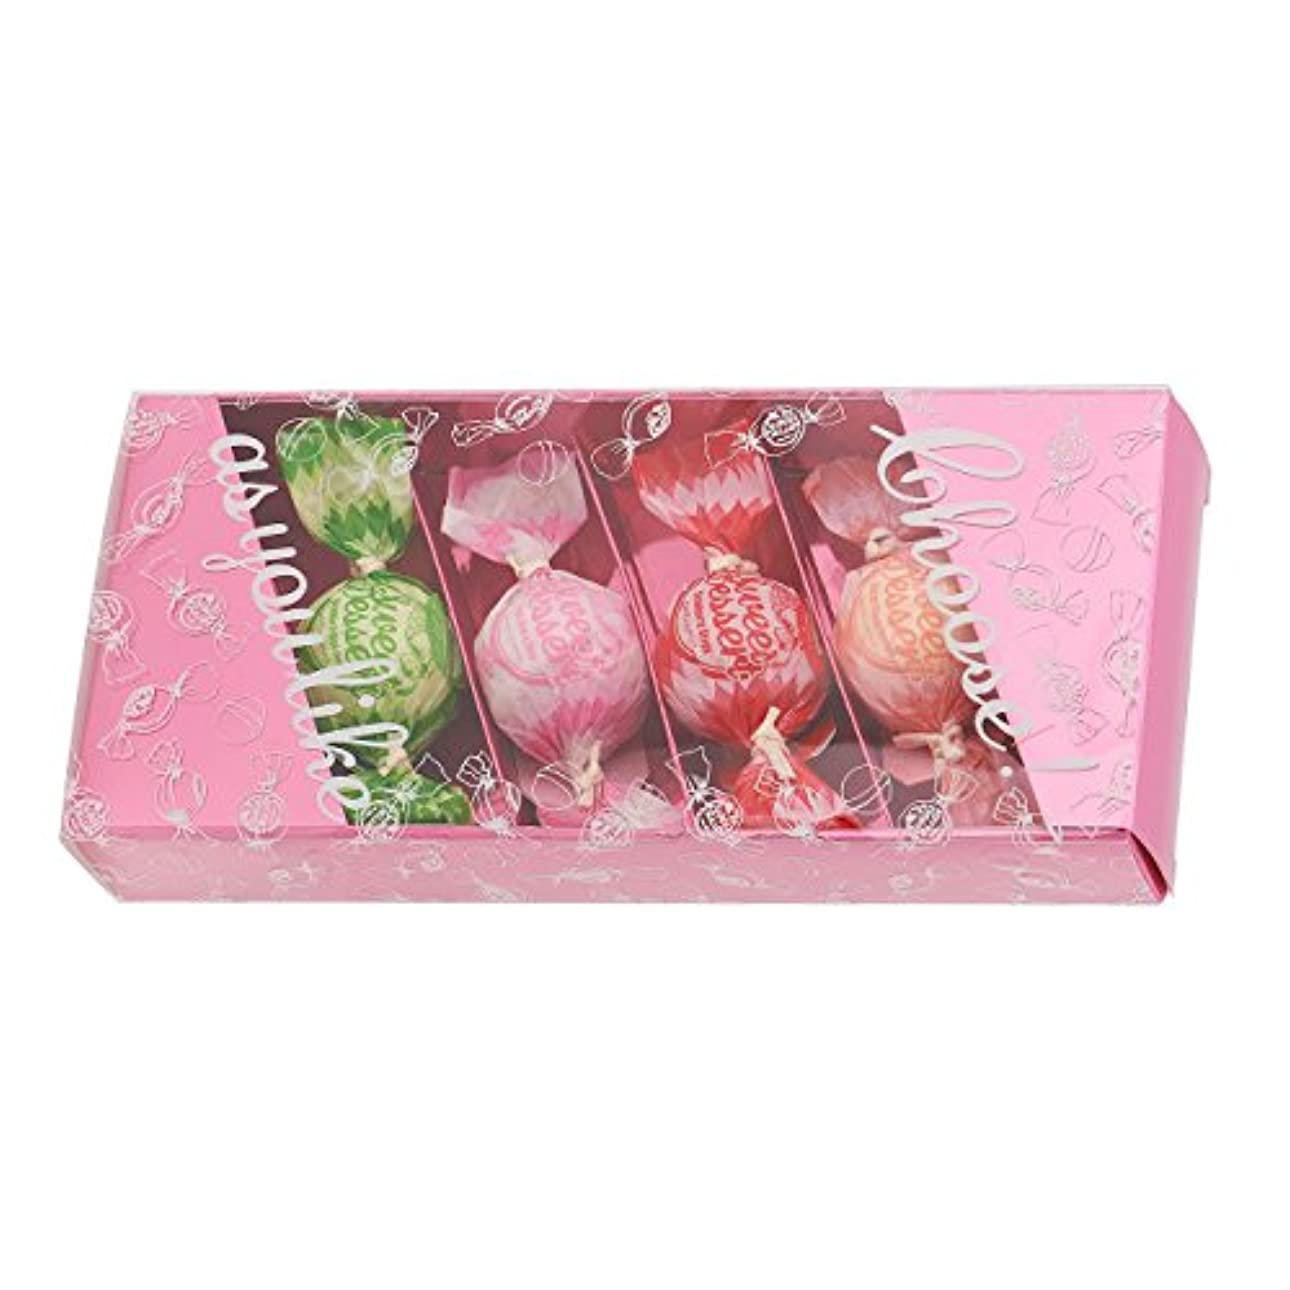 資本バイナリ面白いアマイワナ バスキャンディー4粒ギフトセット(35g×4個) ピンク(発泡タイプ入浴料 バスギフト)